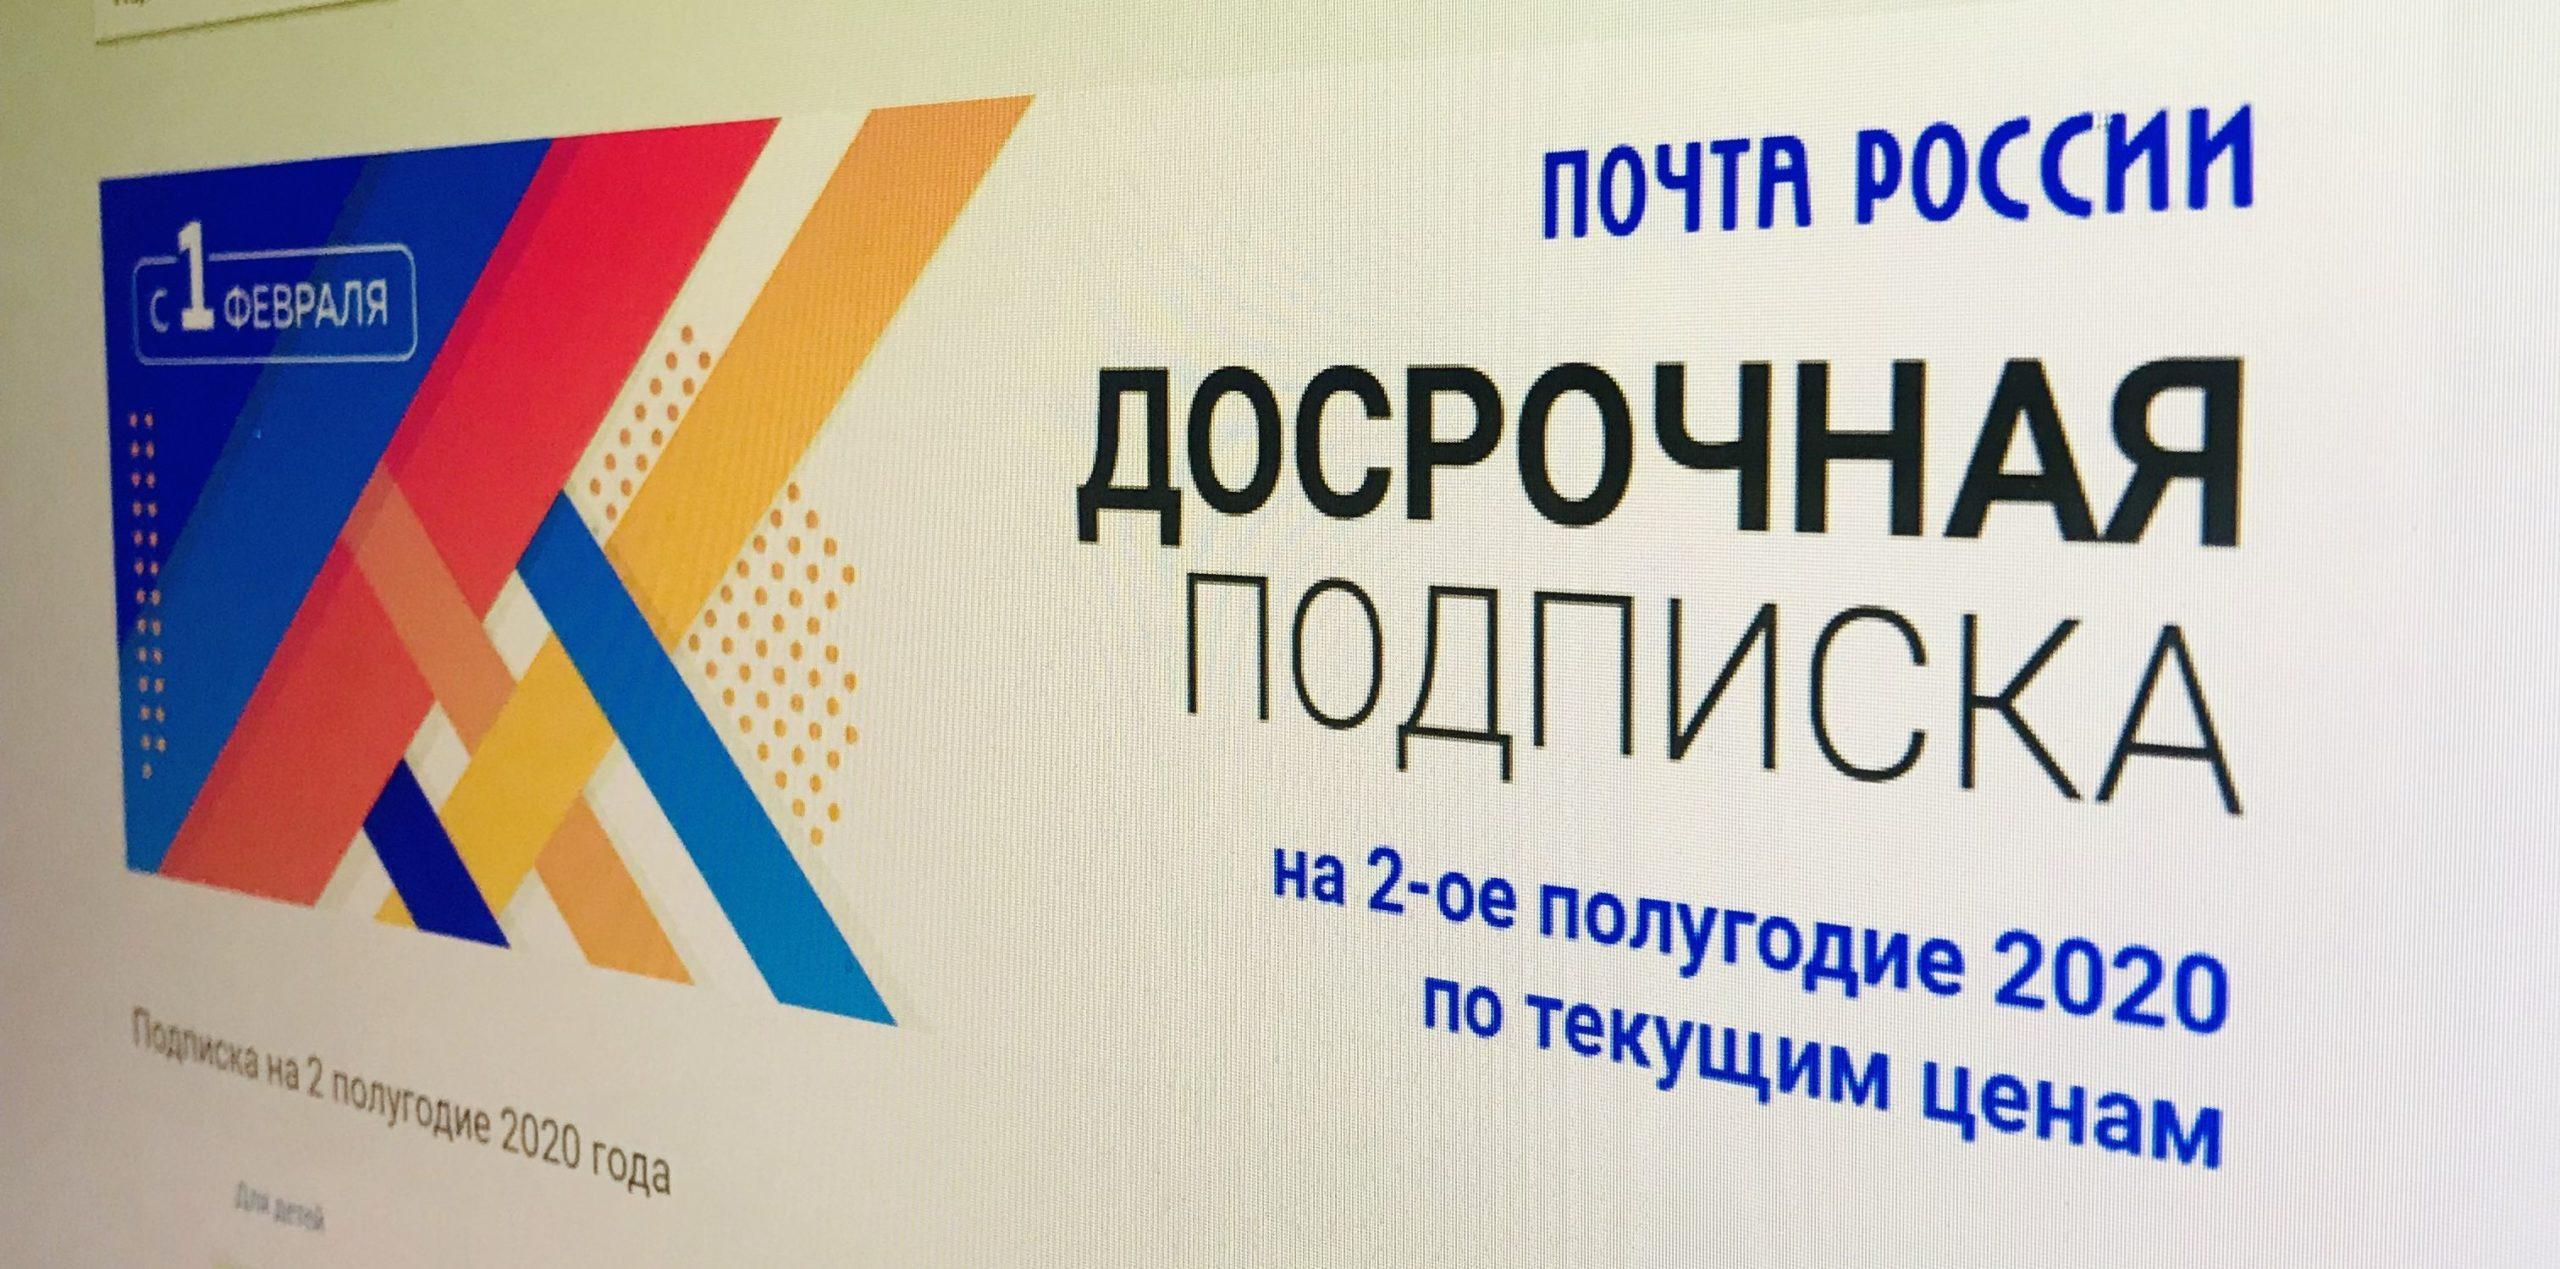 В Тверской области стартовала досрочная подписка на 2-е полугодие